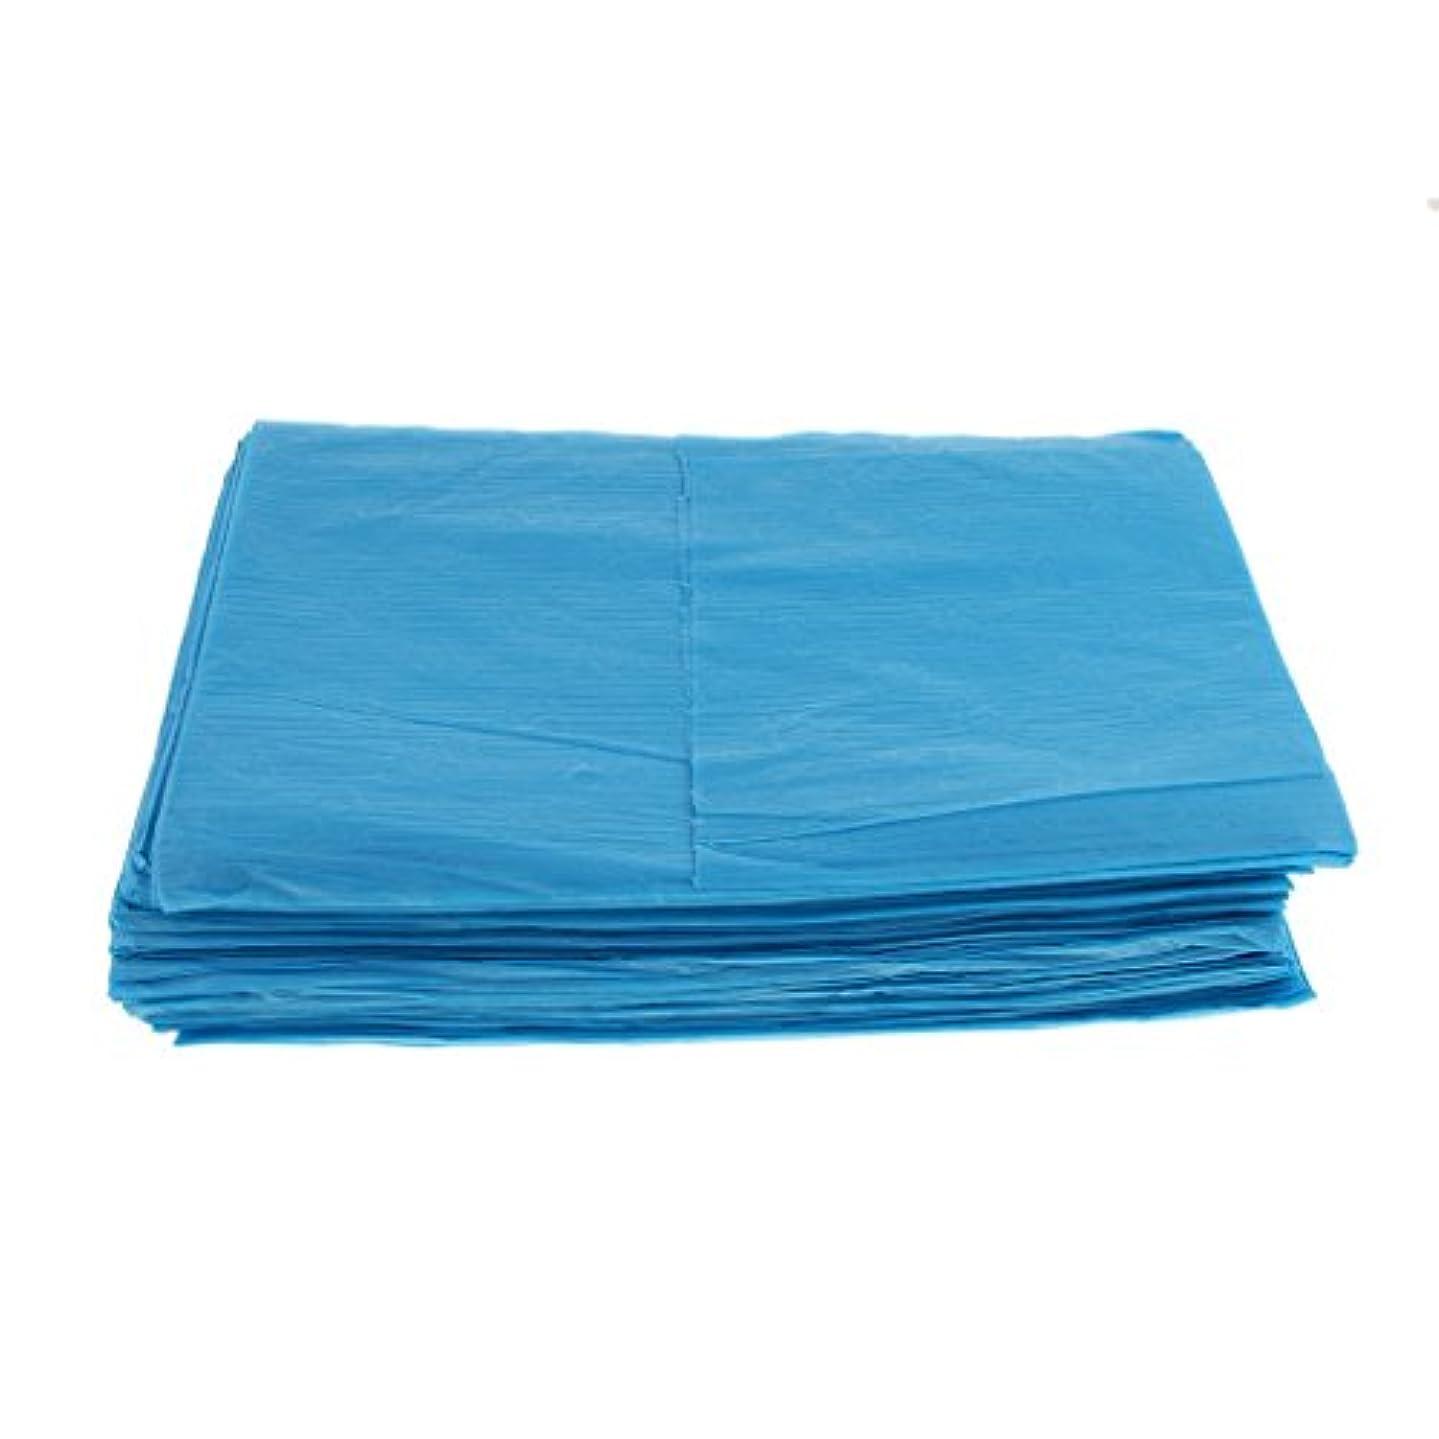 表示ジョセフバンクス加速度10枚 使い捨て ベッドシーツ サロン ホテル ベッドパッド カバー シート 2色選べ - 青